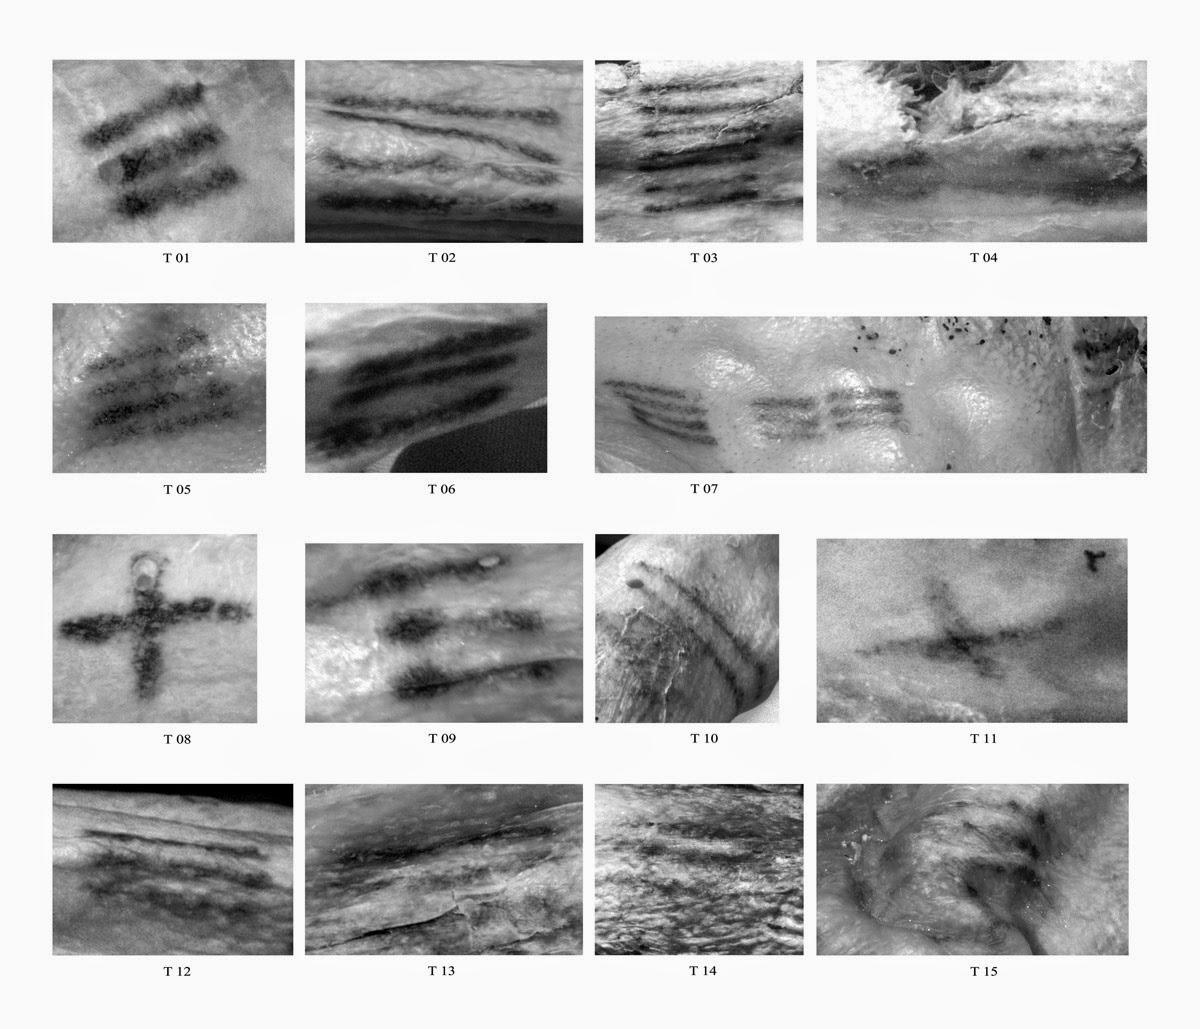 mappatura di tutti i tatuaggi presenti sul corpo dell'Iceman ötzi